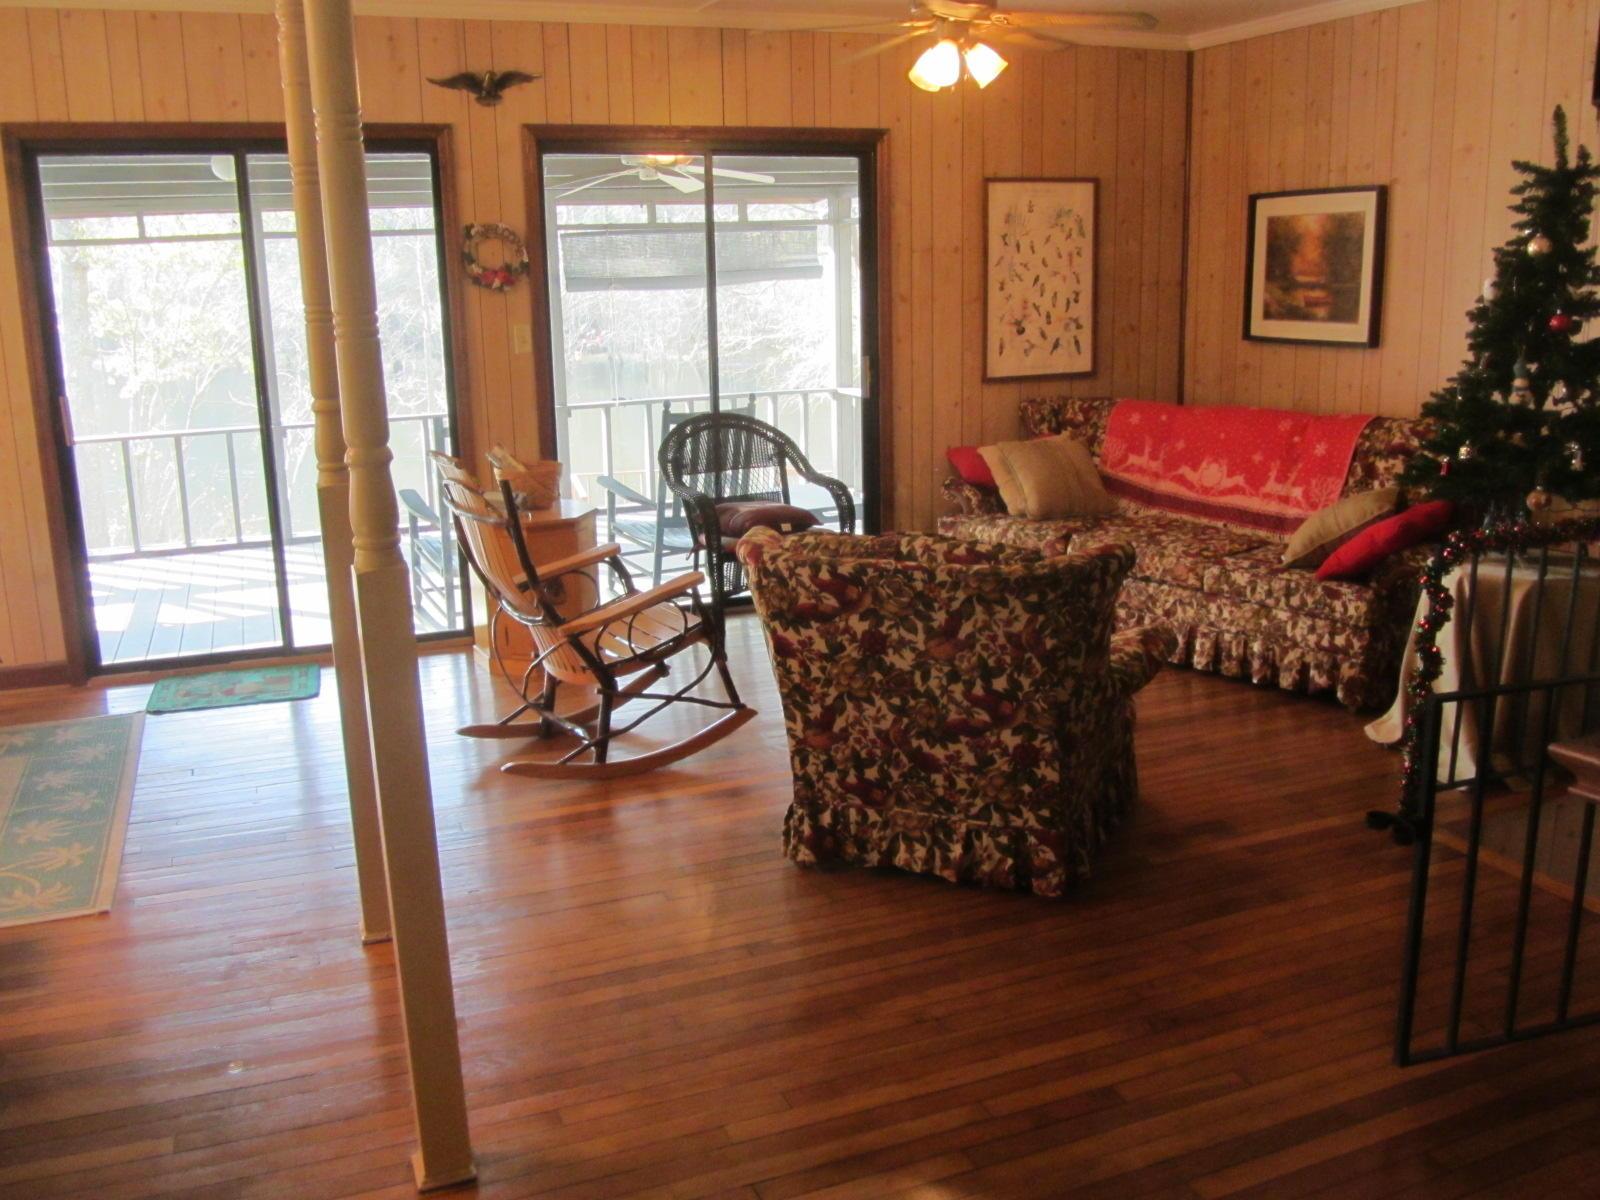 Edisto River Homes For Sale - 265 Blackwater, Round O, SC - 1